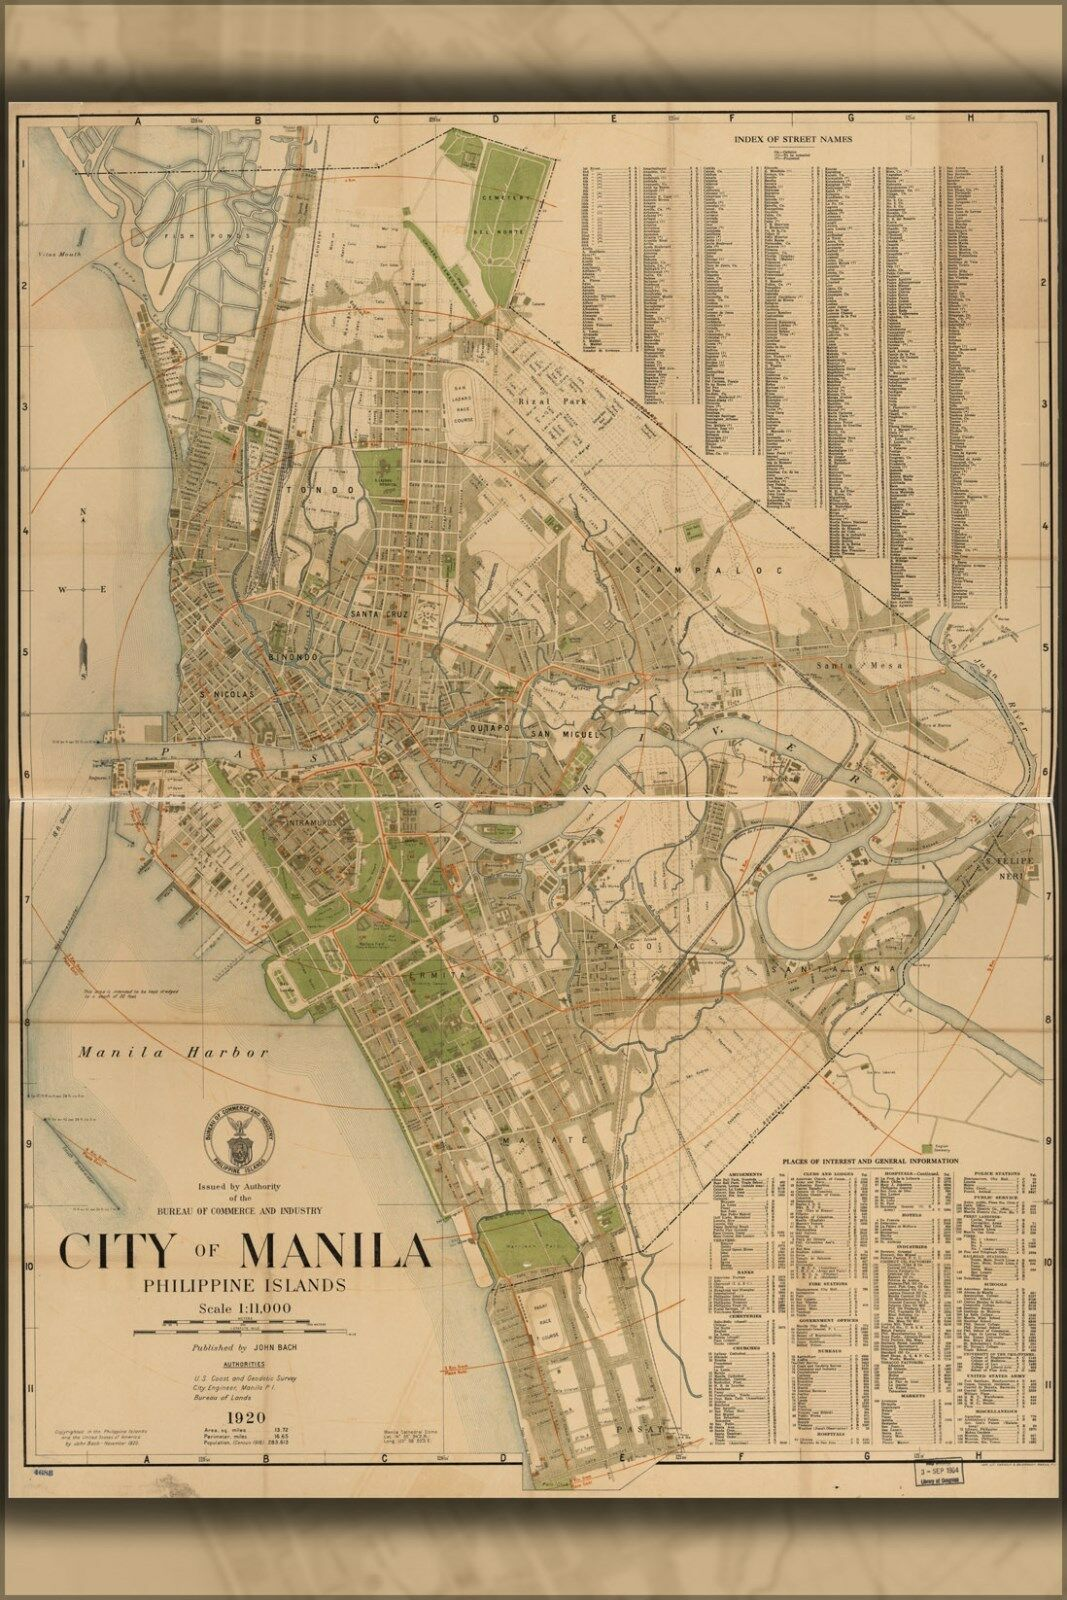 Plakat, Viele Größen; Karte von City Of Manila, Philippinen 1920